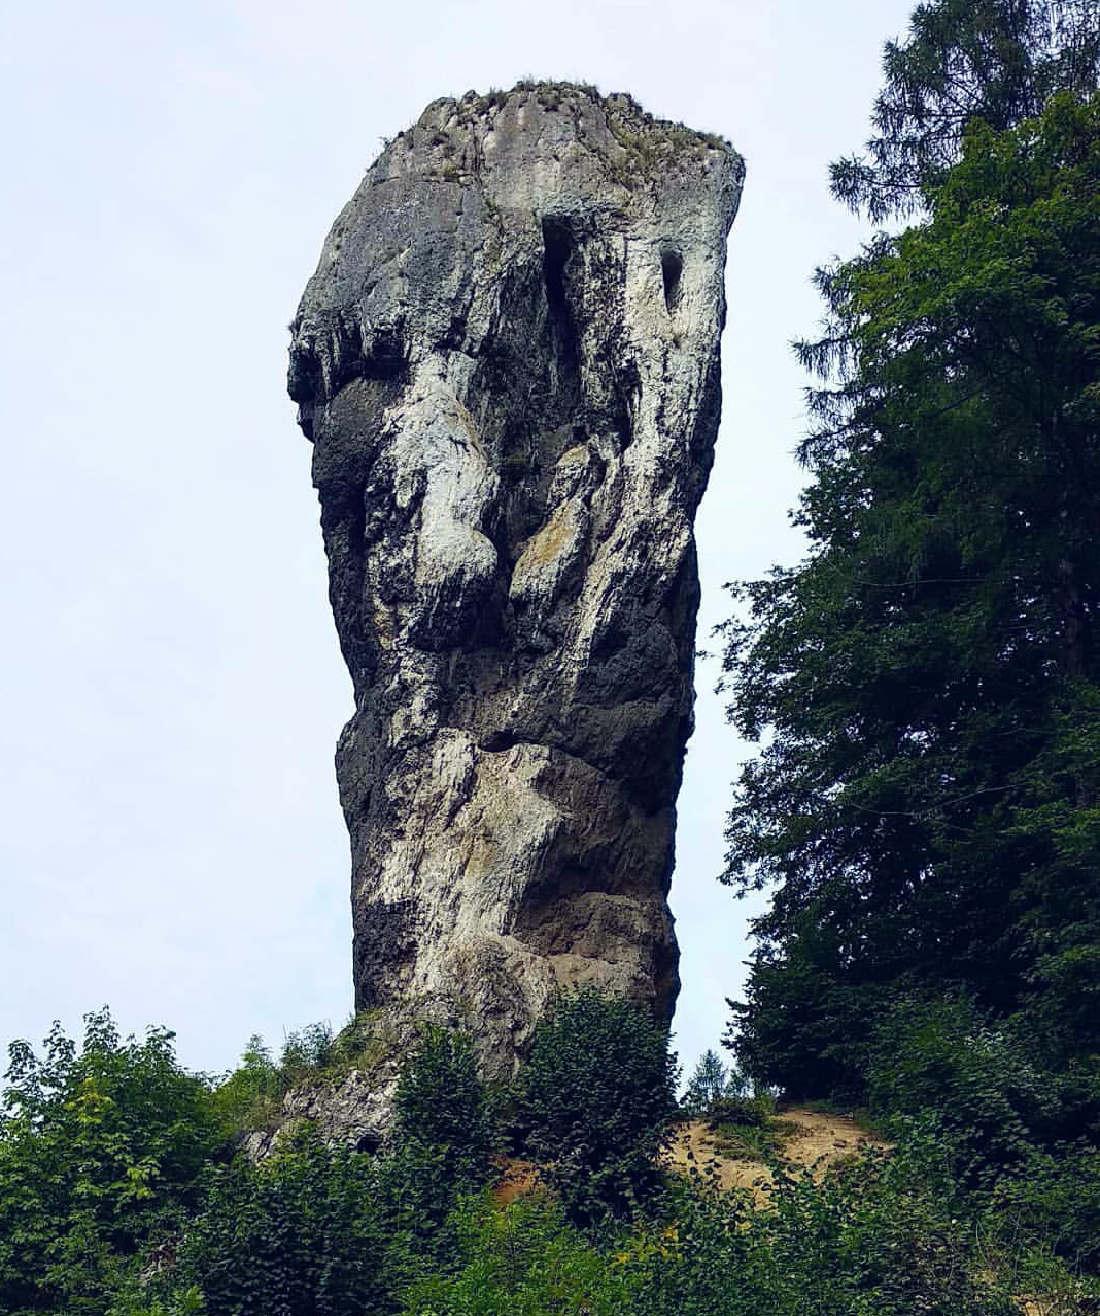 krakw_niesamowite_miejsce_ktre_polecam_odwiedzi_w_polsce_ojcowski_park_narodowy1186_16_09_2019